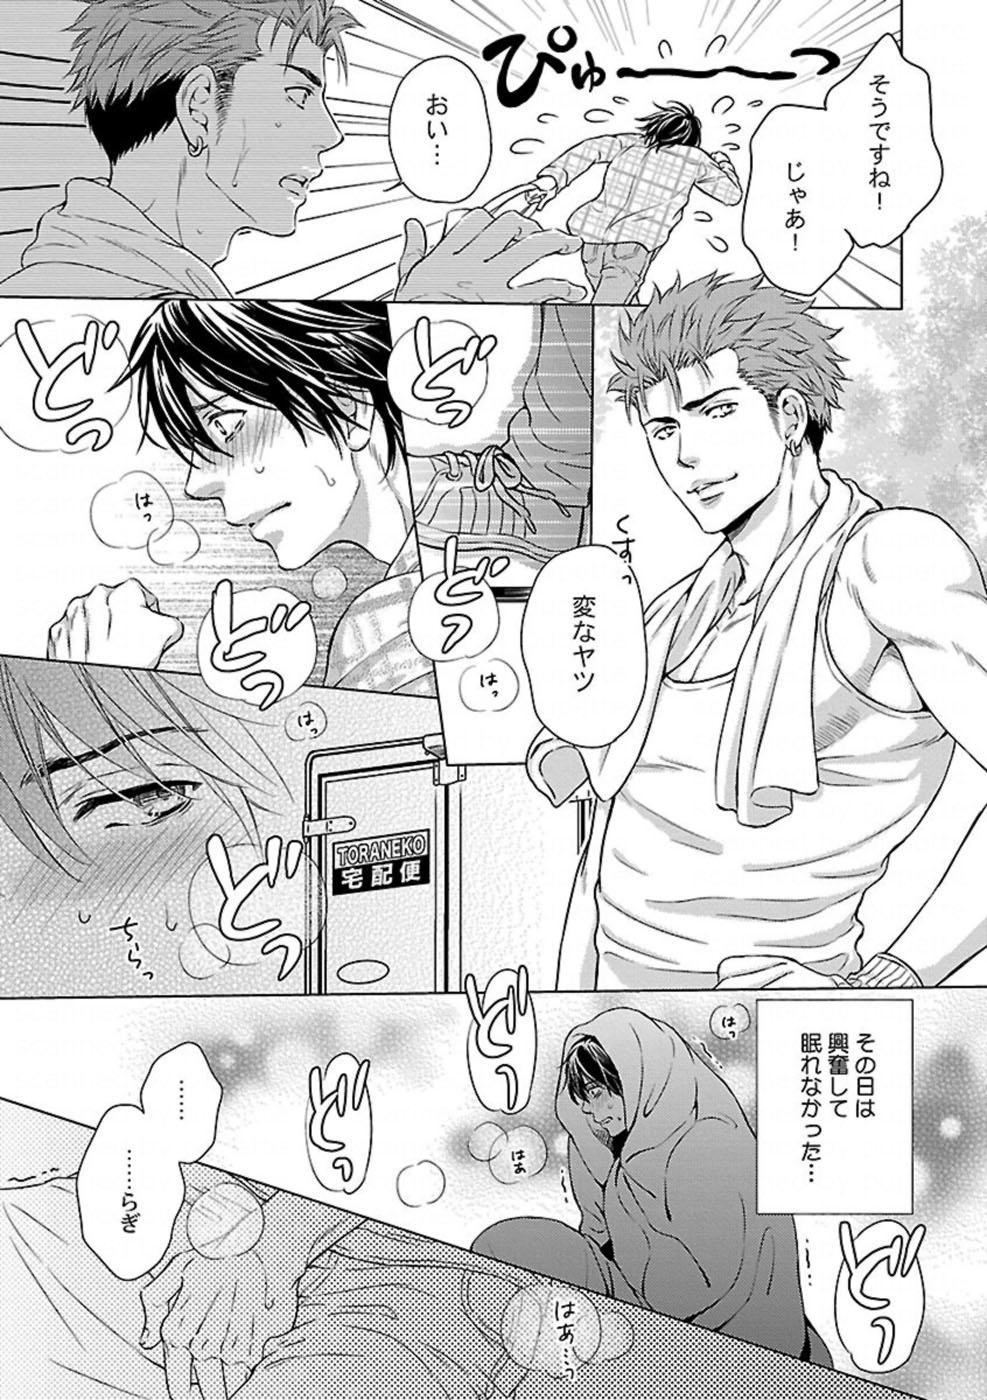 Ore no Sukina Waki+Ore no Aishi no Waki 3